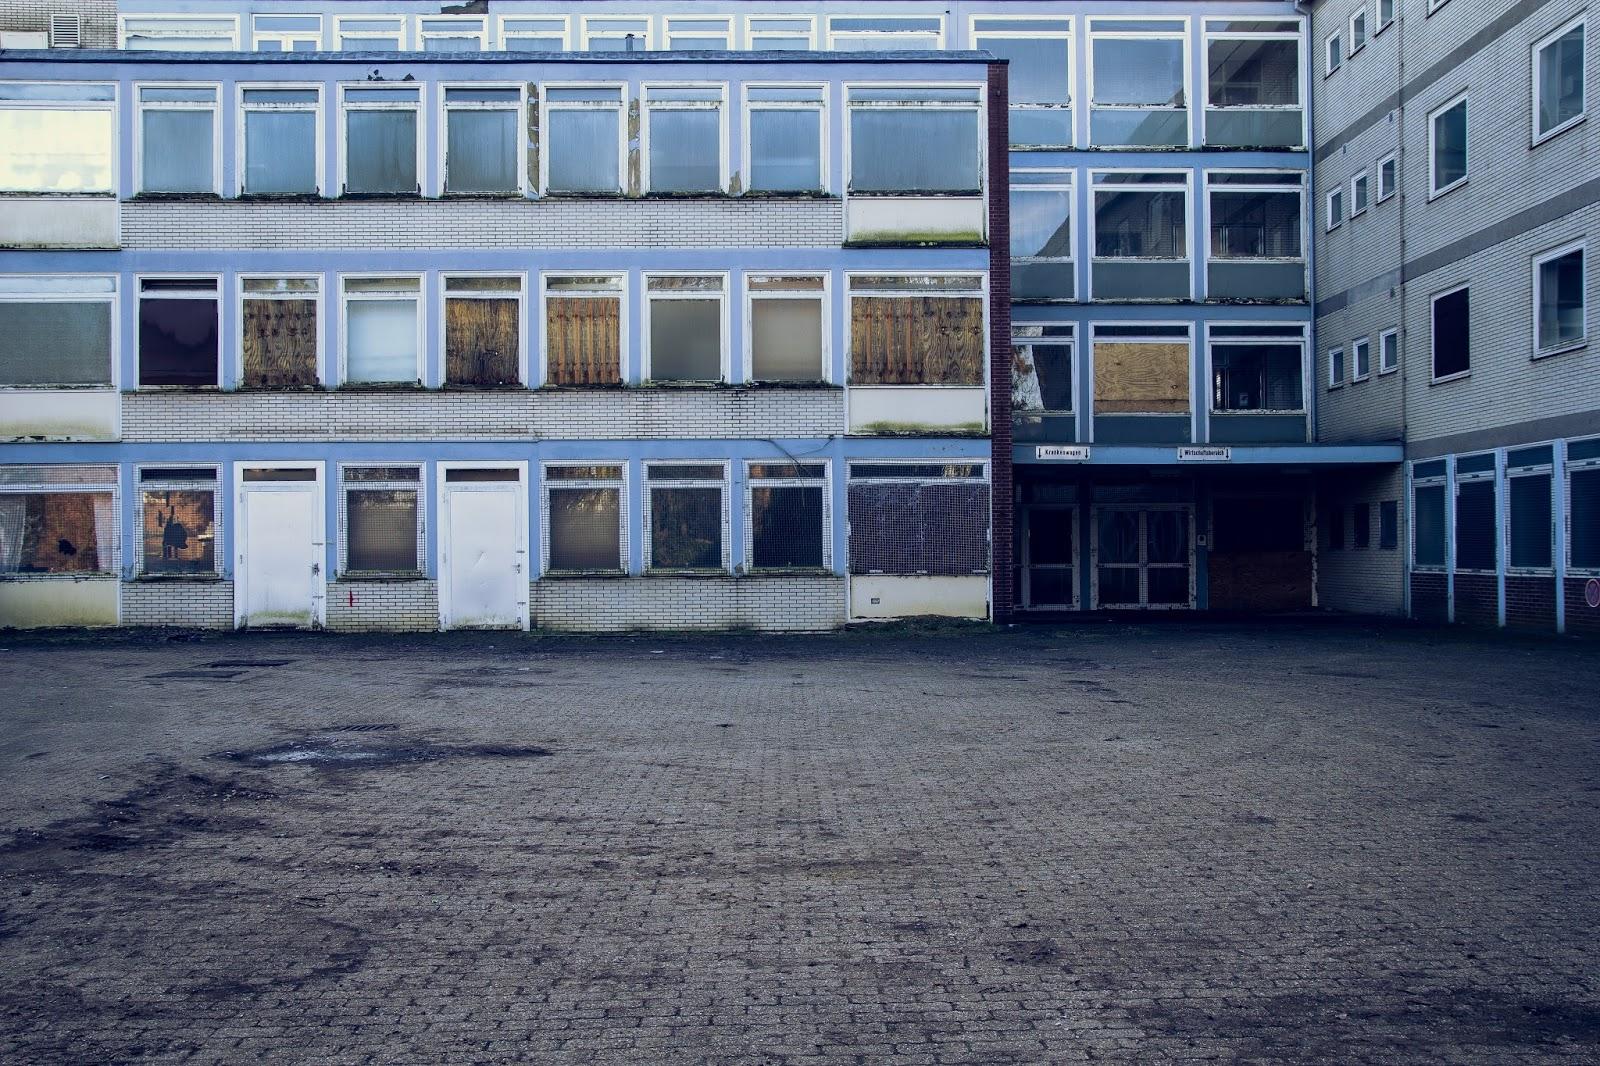 Ehemalige Klinik in Immerath Garzweiler Reportagefotografie Andreas Blauth